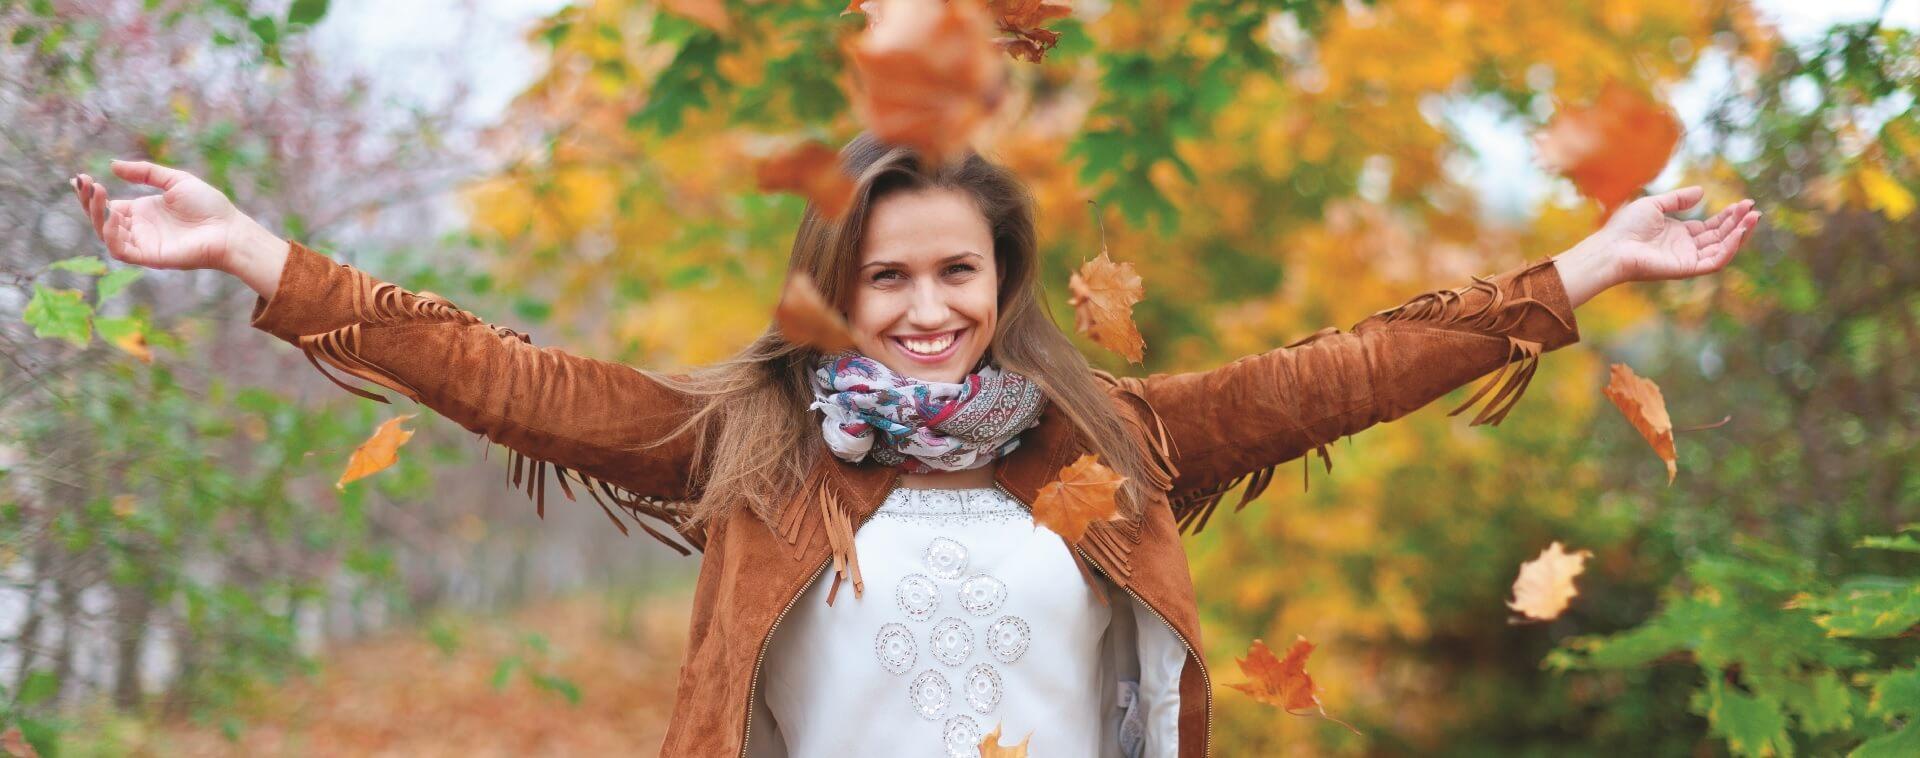 Retrouver sa vitalité à l'automne